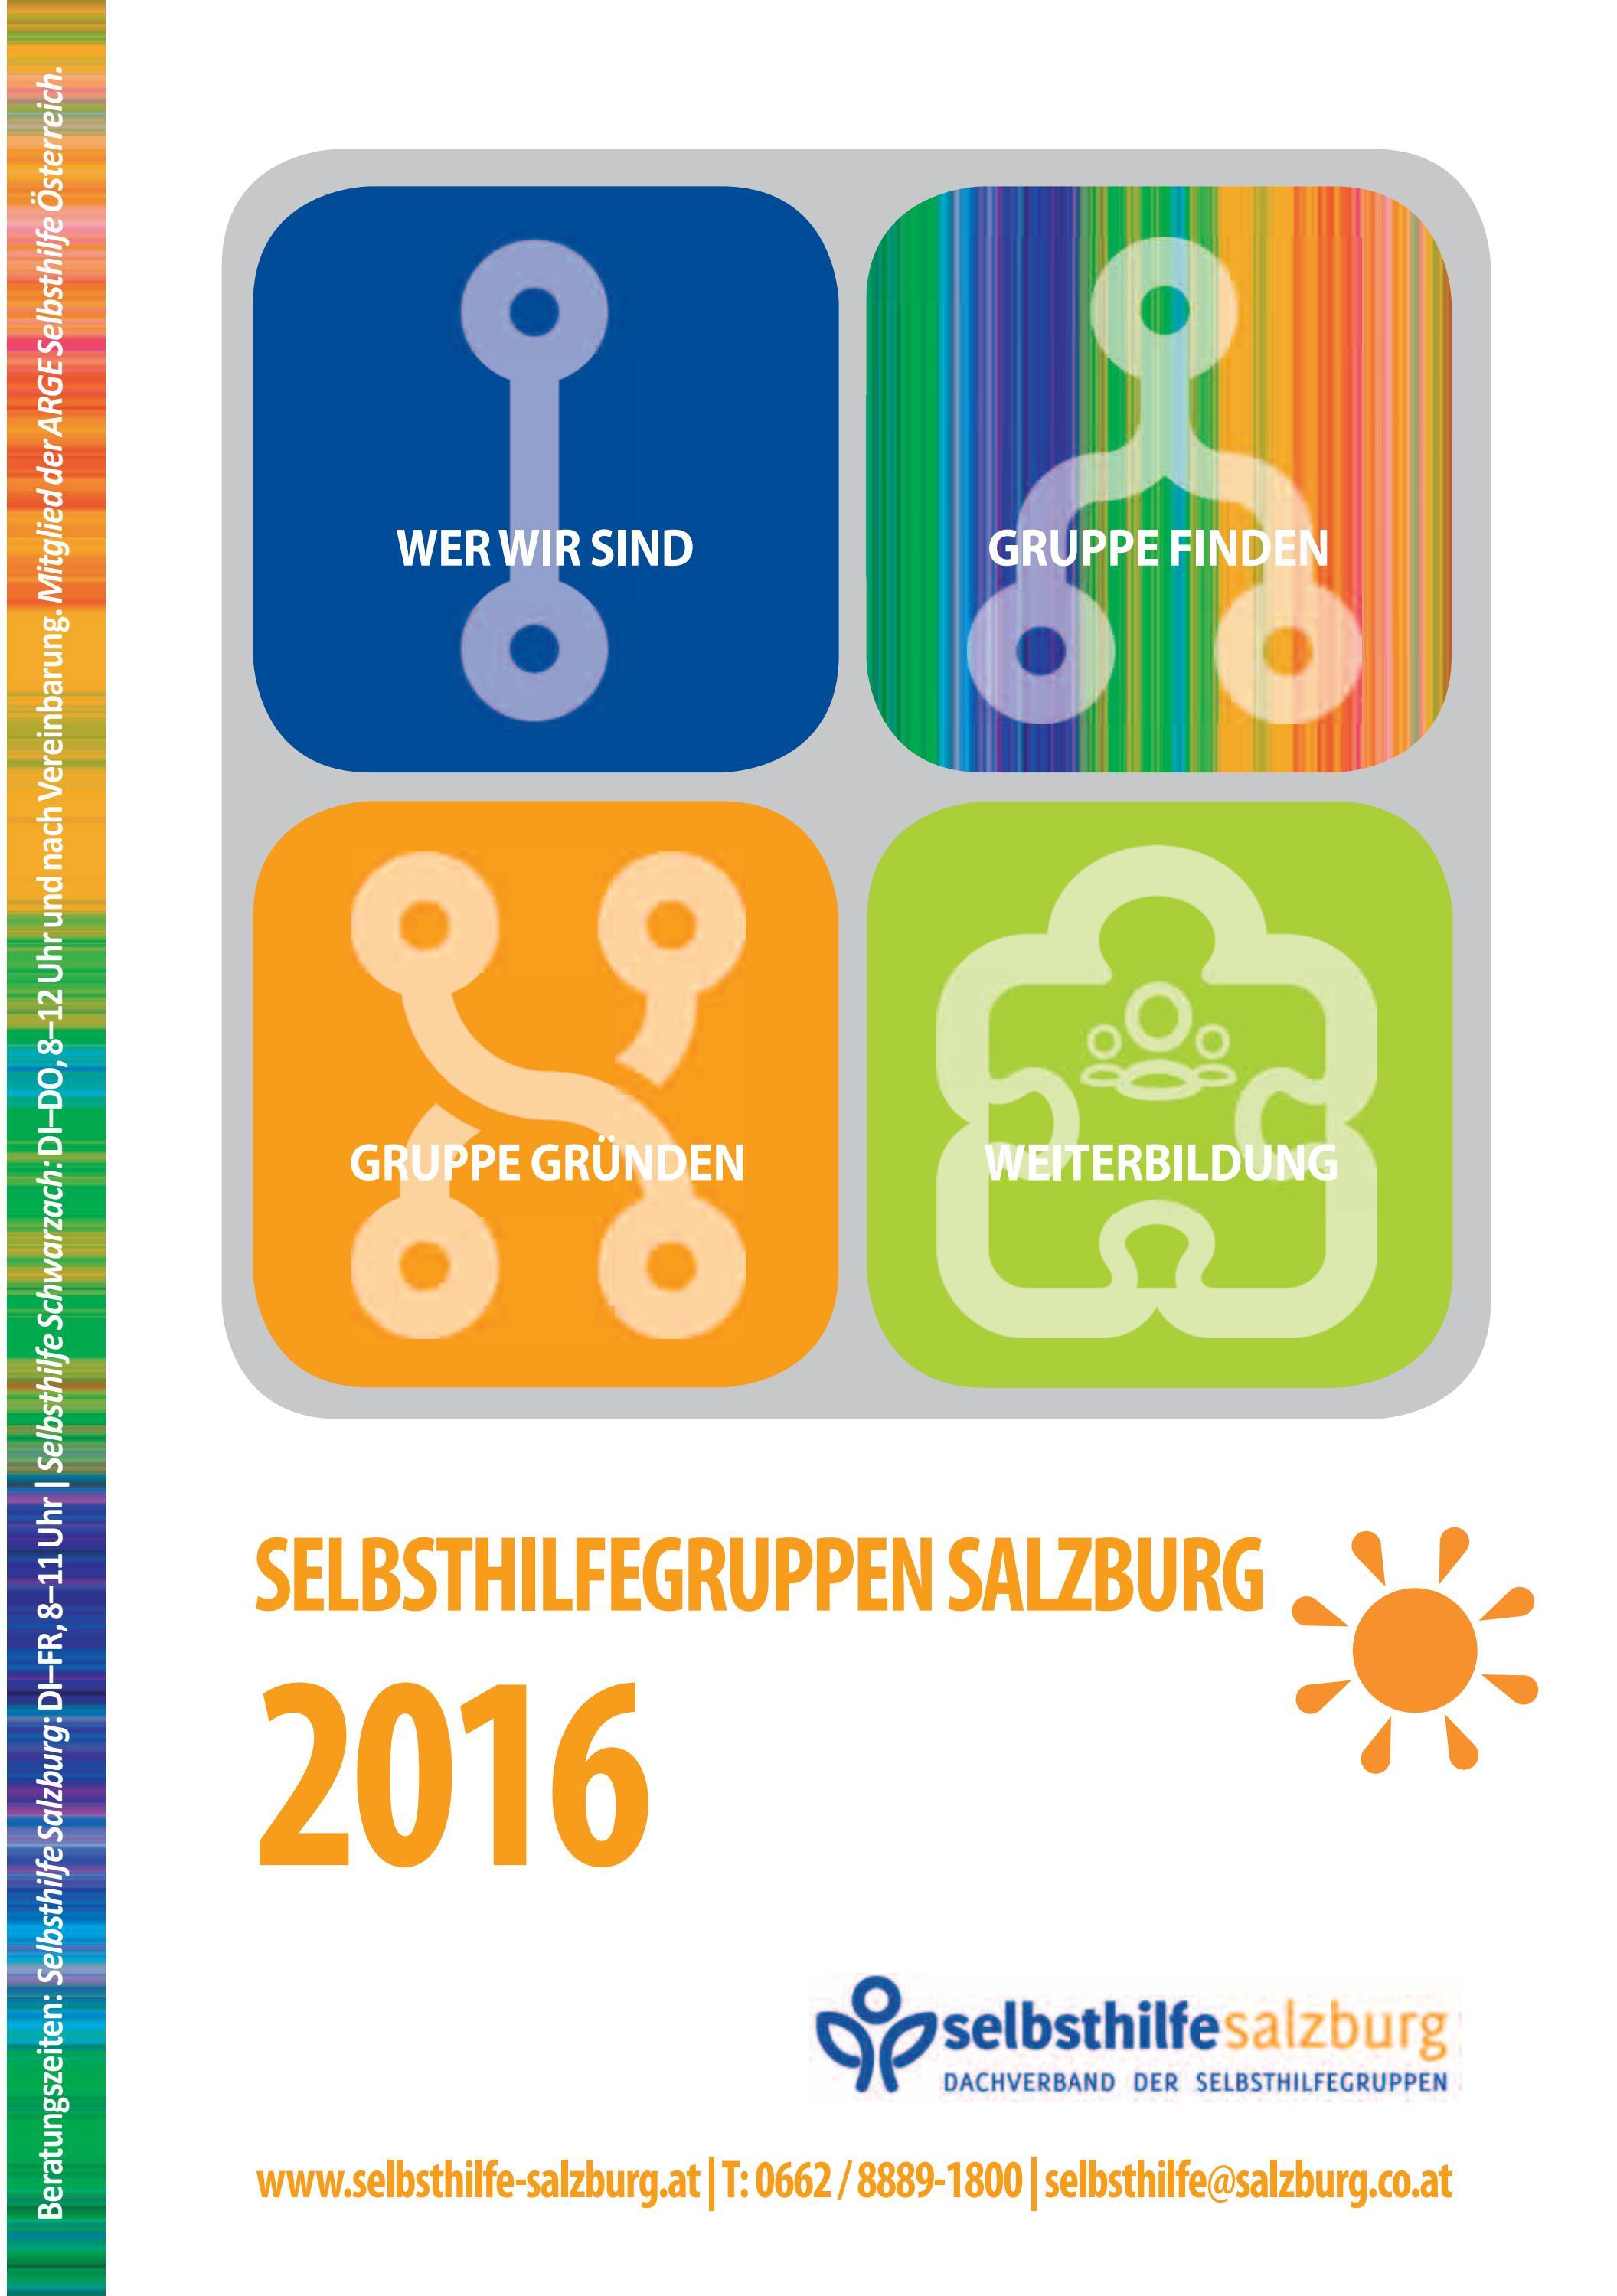 Selbsthilfegruppen Salzburg by seniorenplattform - issuu